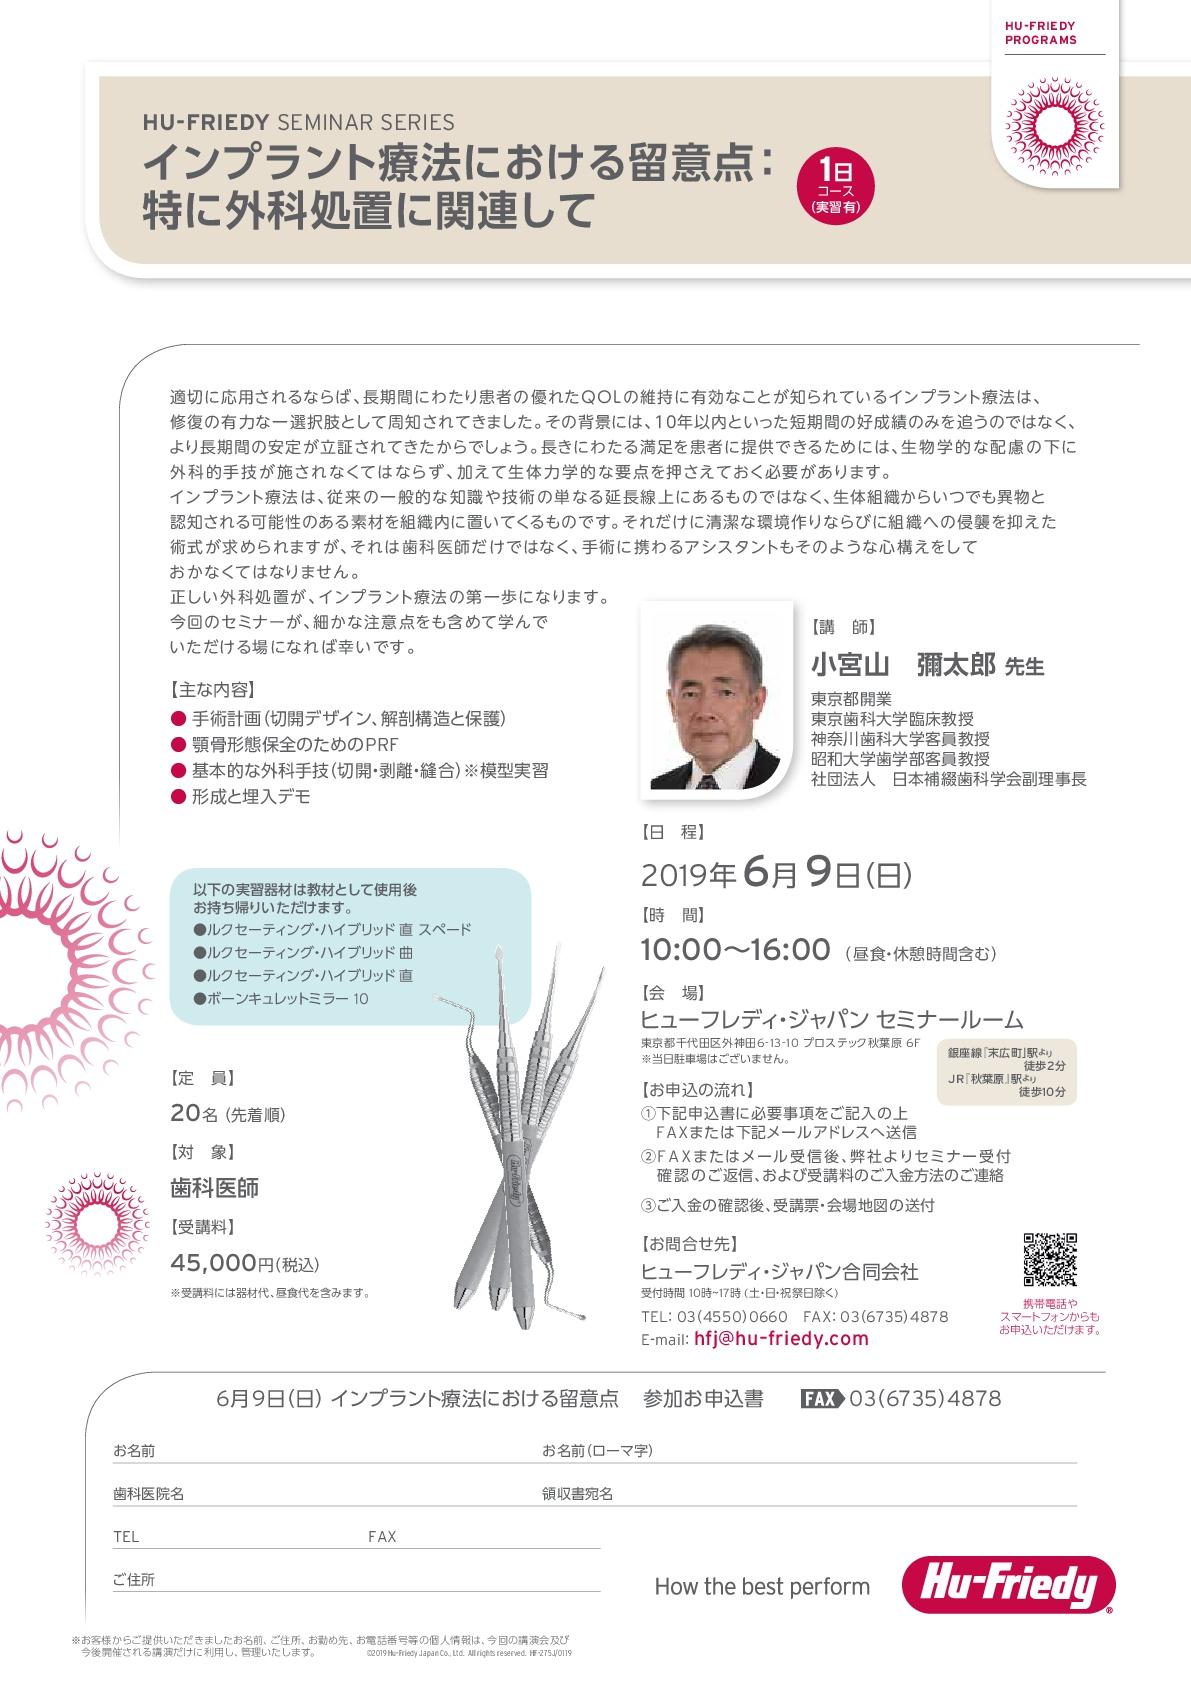 インプラント療法における留意点: 特に外科処置に関連して【1日コース】